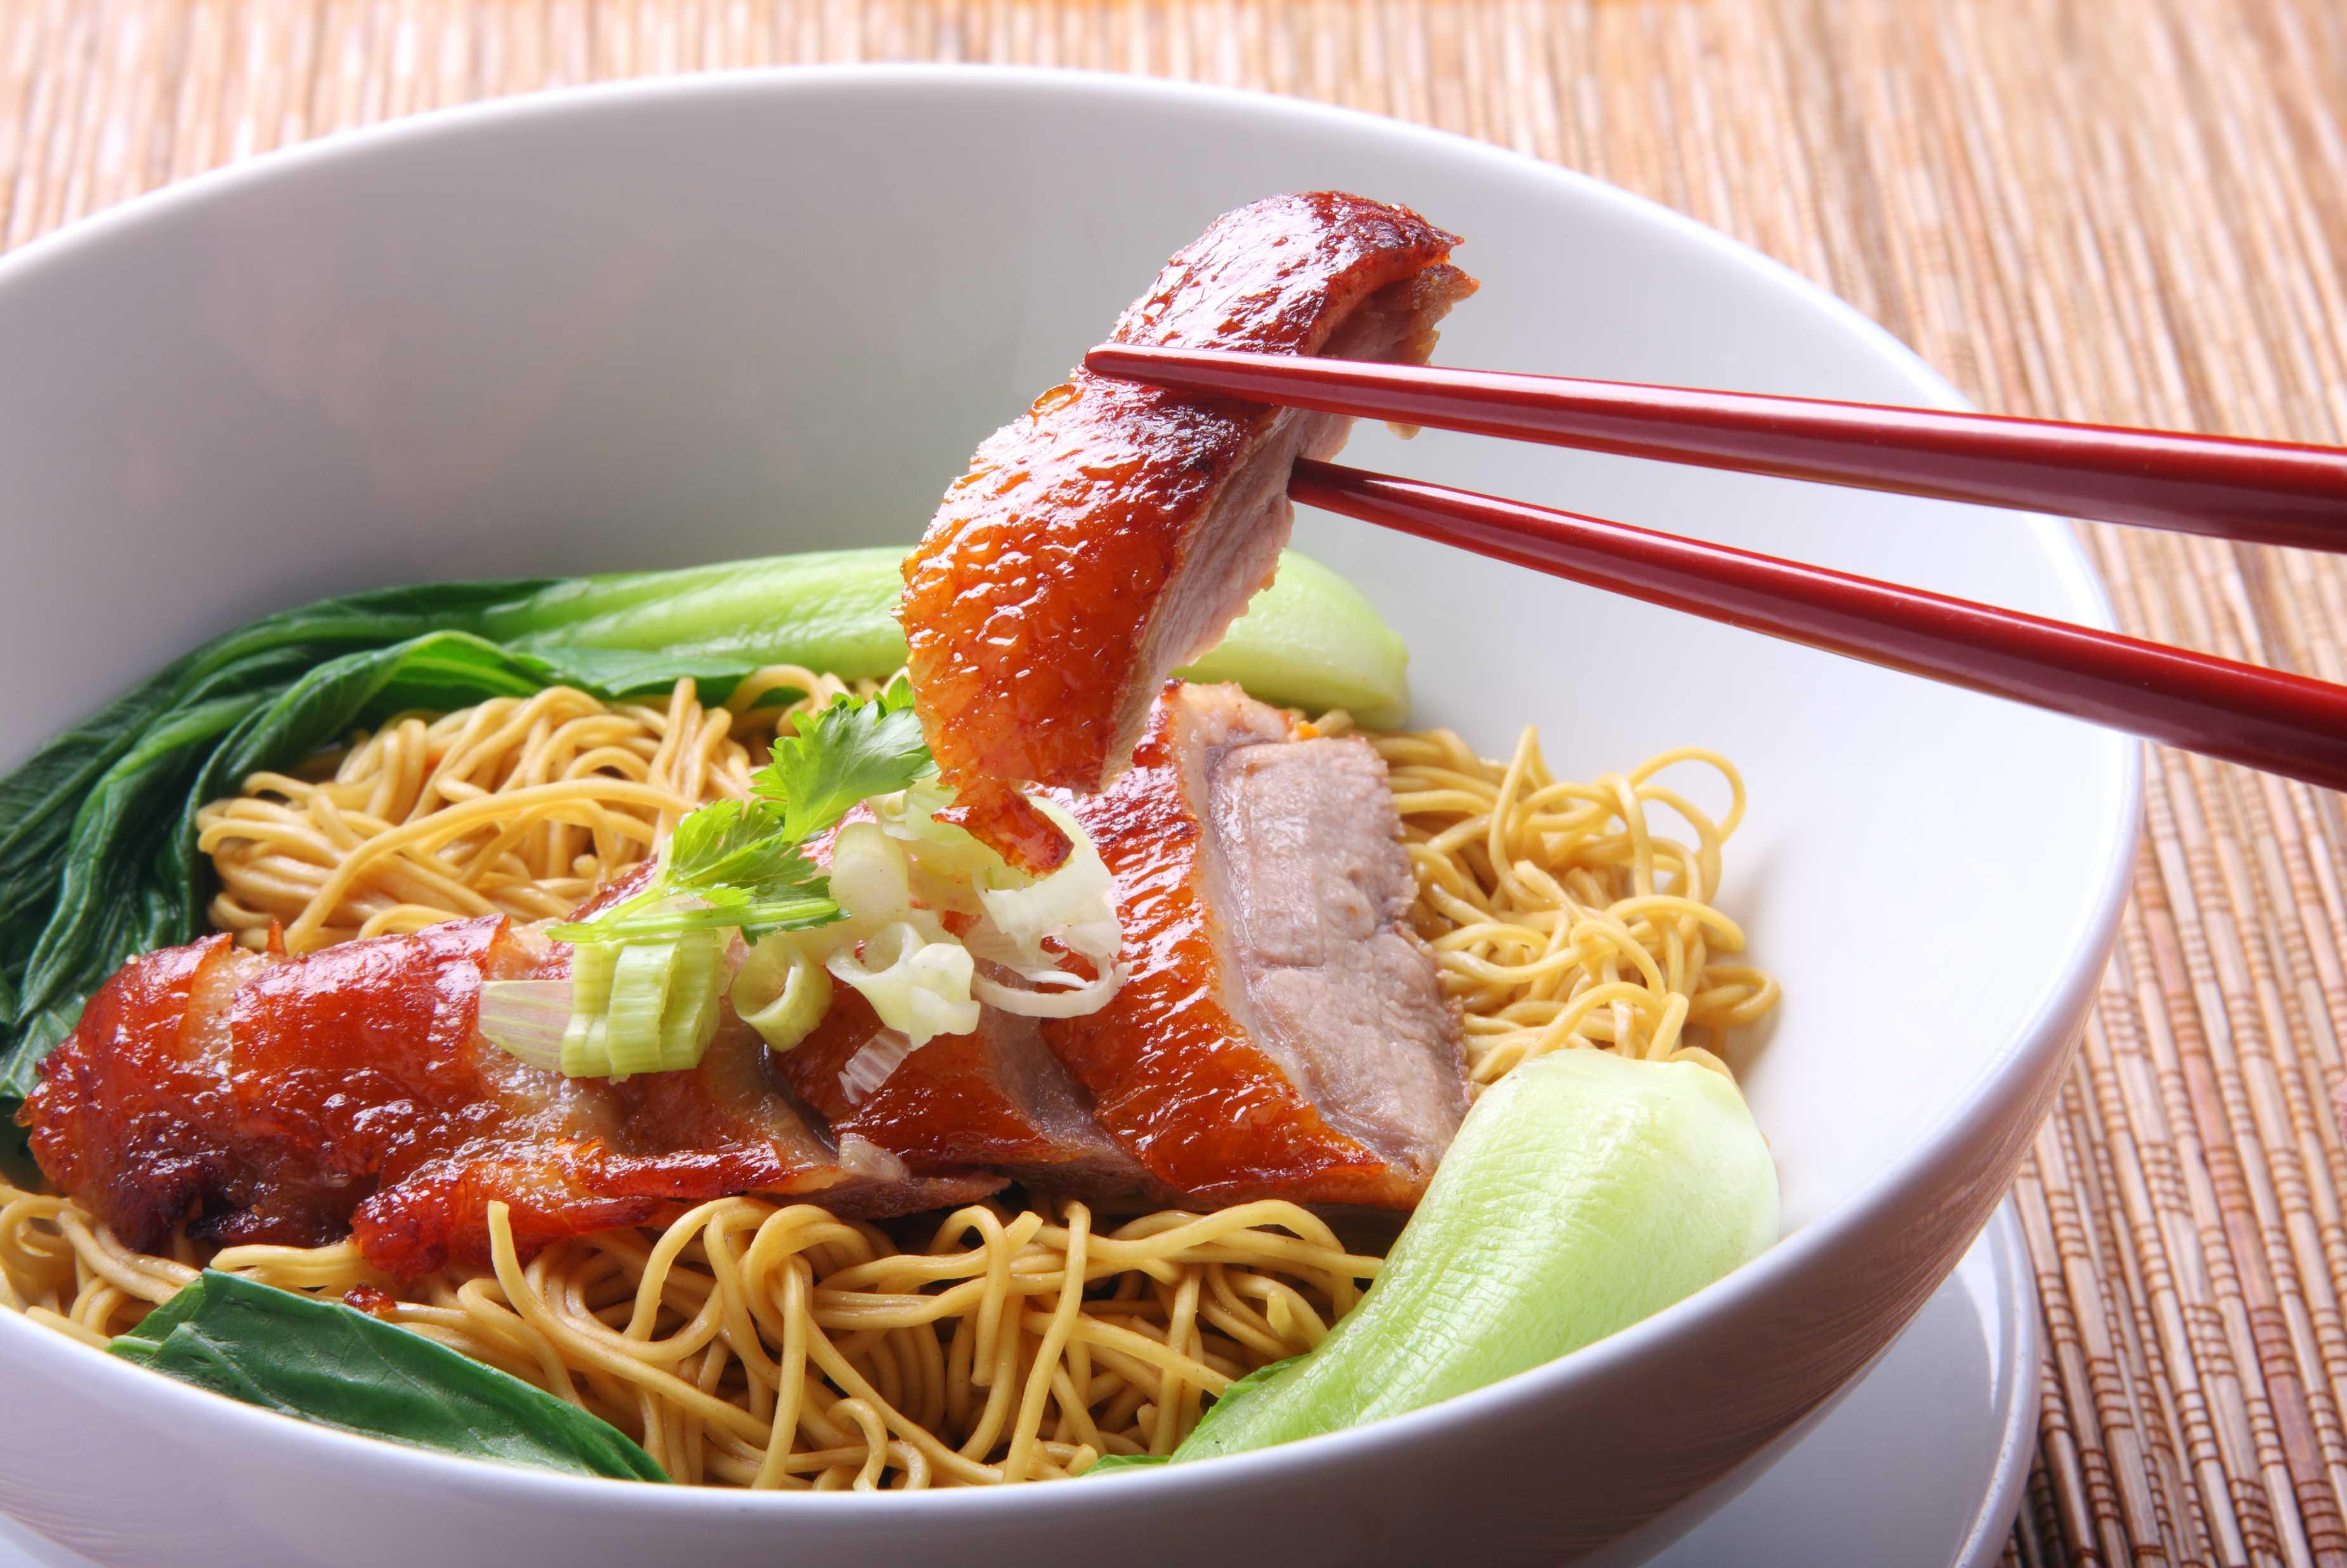 Tăiţei chinezesti cu carne, mancate in mod traditional si distinct pentru bucateria chinezeasca